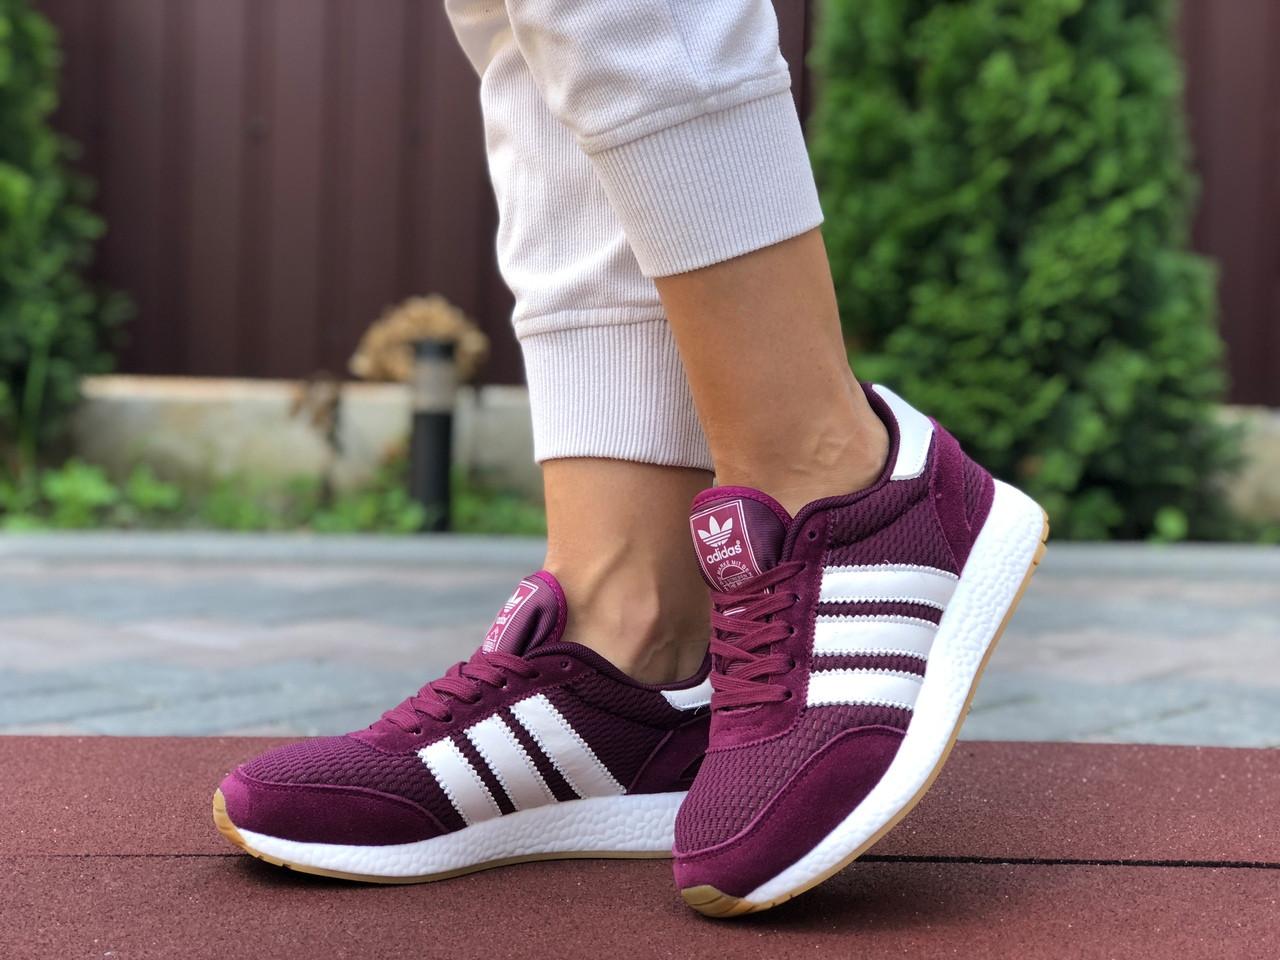 Женские кроссовки Adidas Iniki (фуксия) 9647